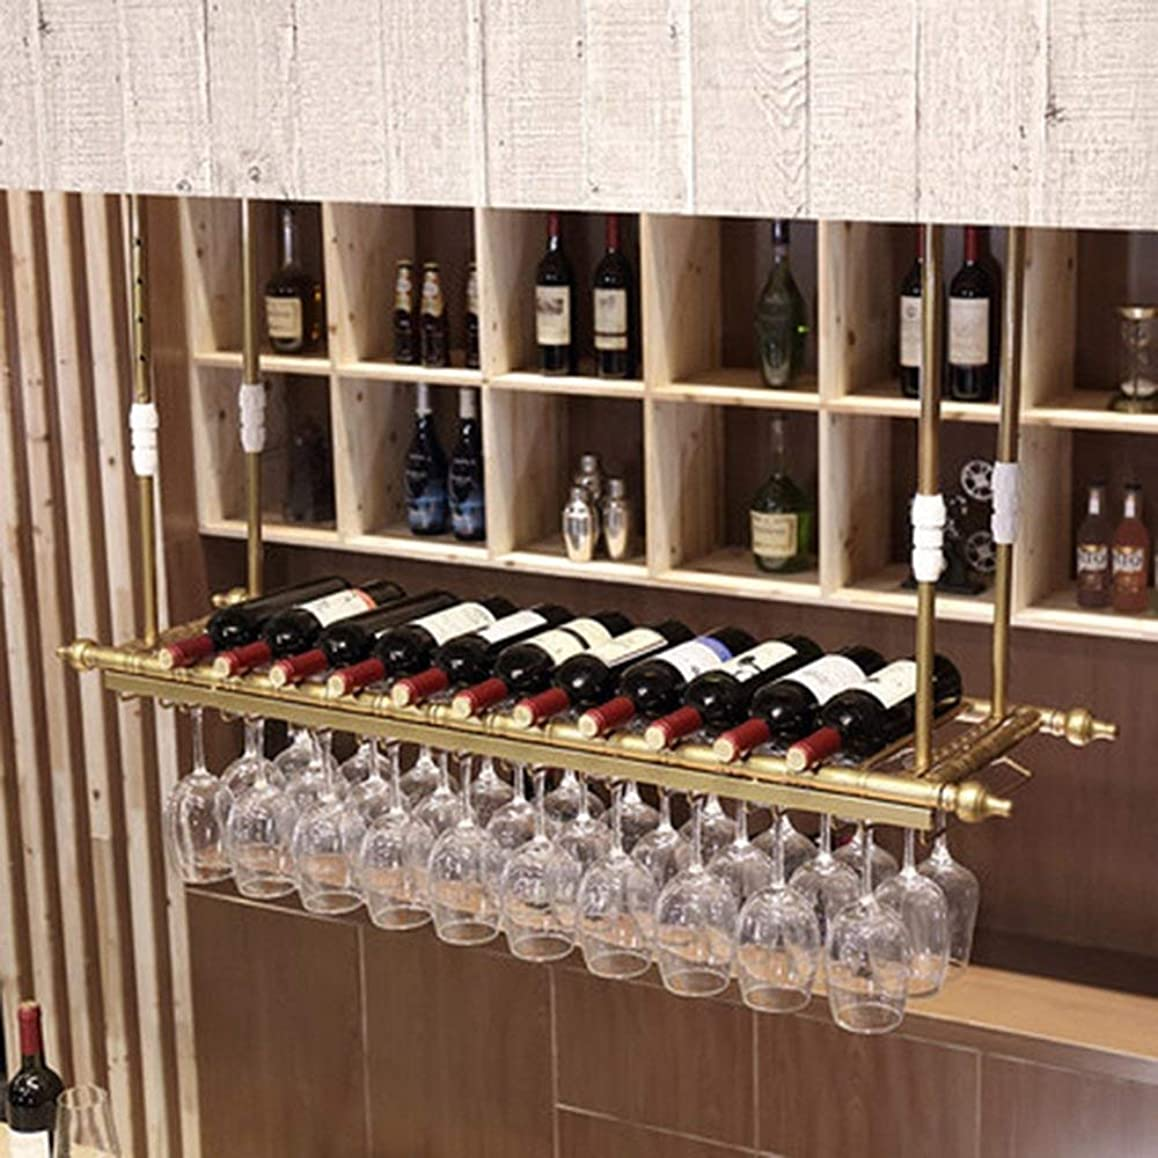 場所必要としている開始XixuanStore リビングルームのワインラック、レストランのワインラック、装飾的なワインラック、ワインラック (Color : 100cm*30cm)